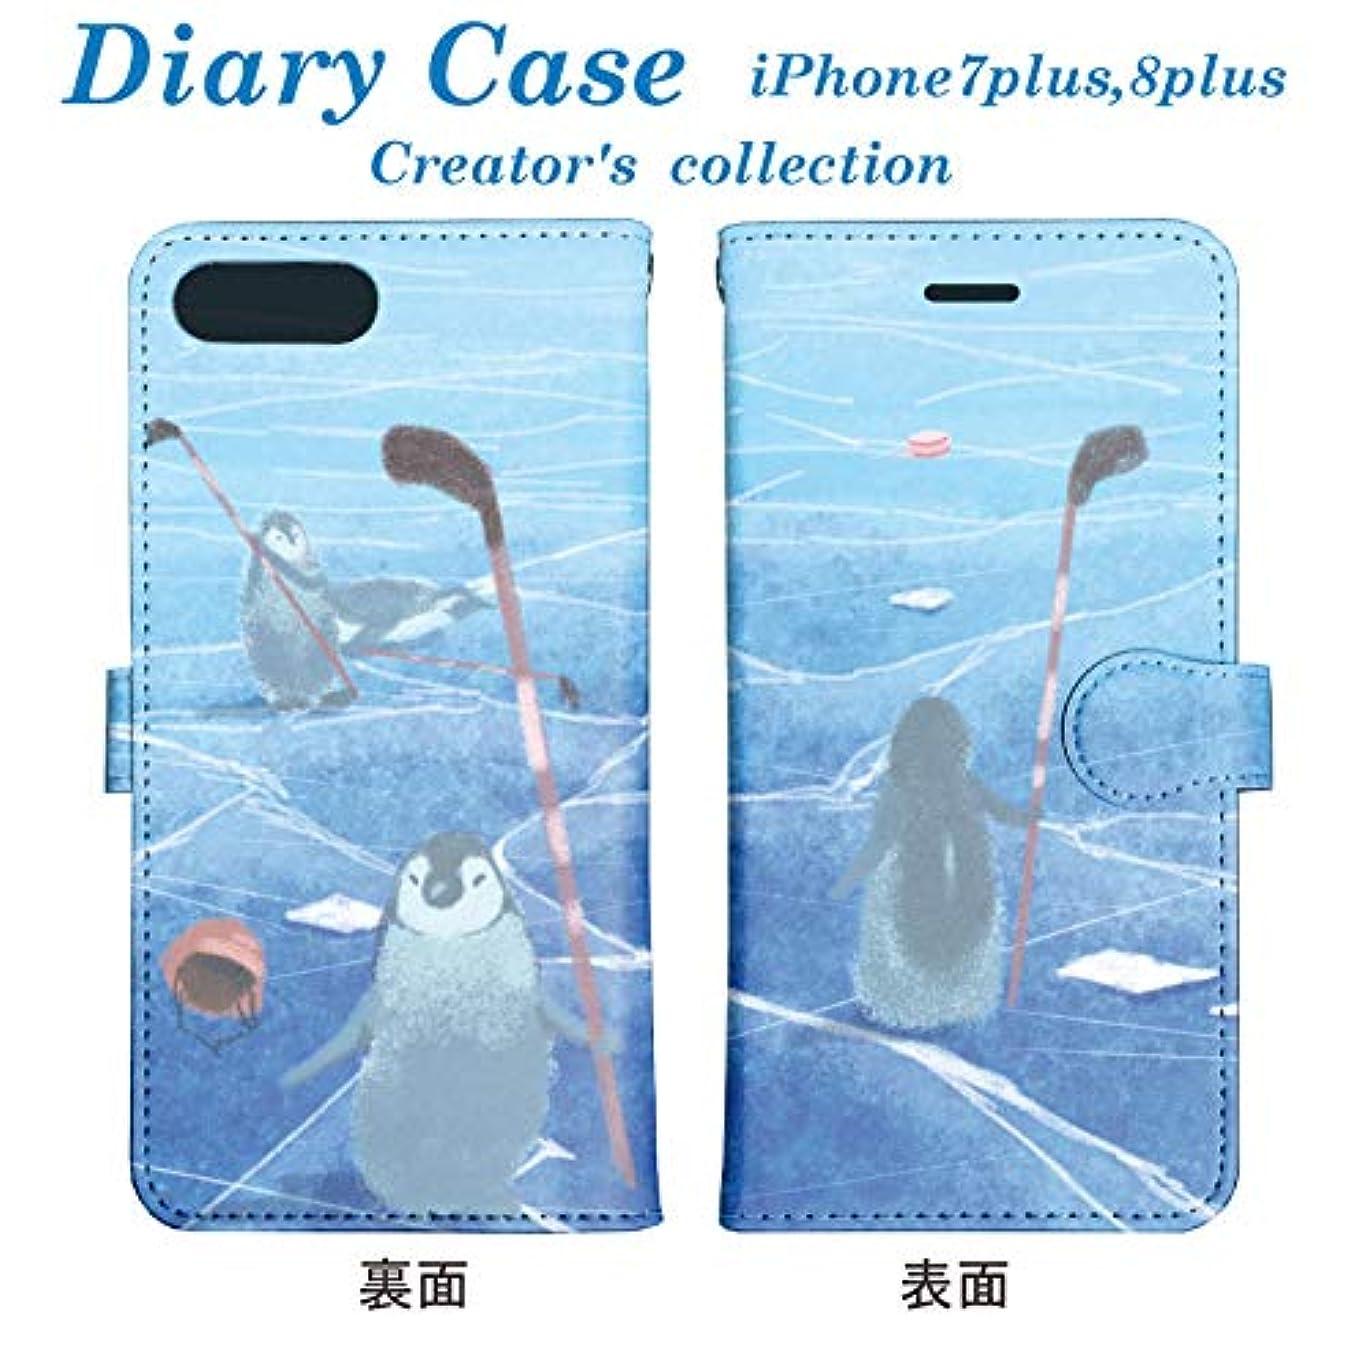 科学者石炭感謝するiPhone7plus iPhone8plus アイフォン7プラス アイフォン8プラス 手帳型 スマホケース クリエイター作品 池上幸輝 「ペンギンホッケー」 ペンギン アイスホッケー